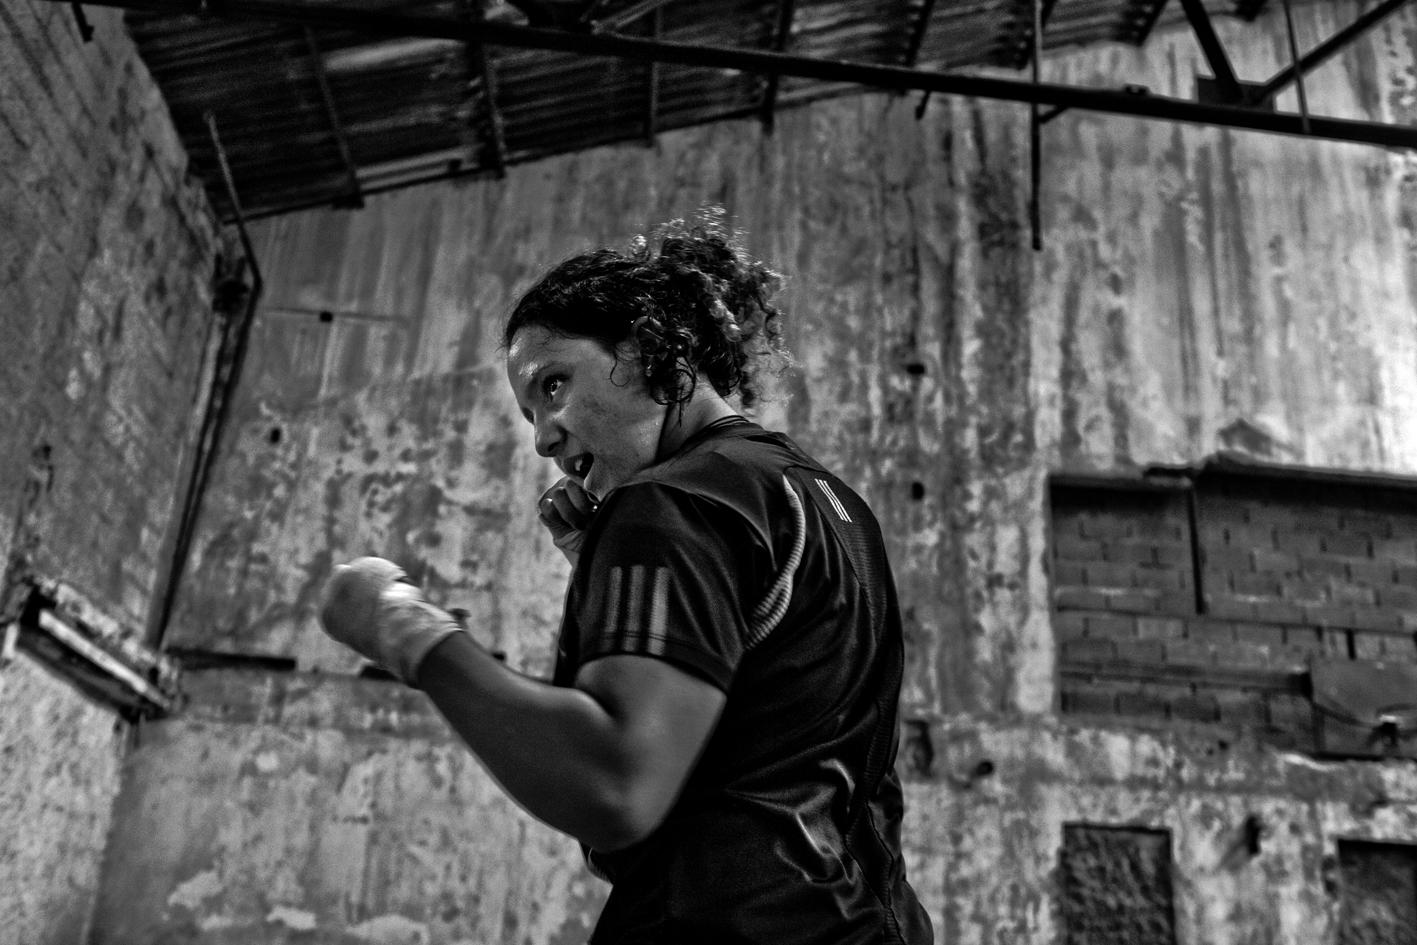 Escuela de boxeo Gregory Canelón